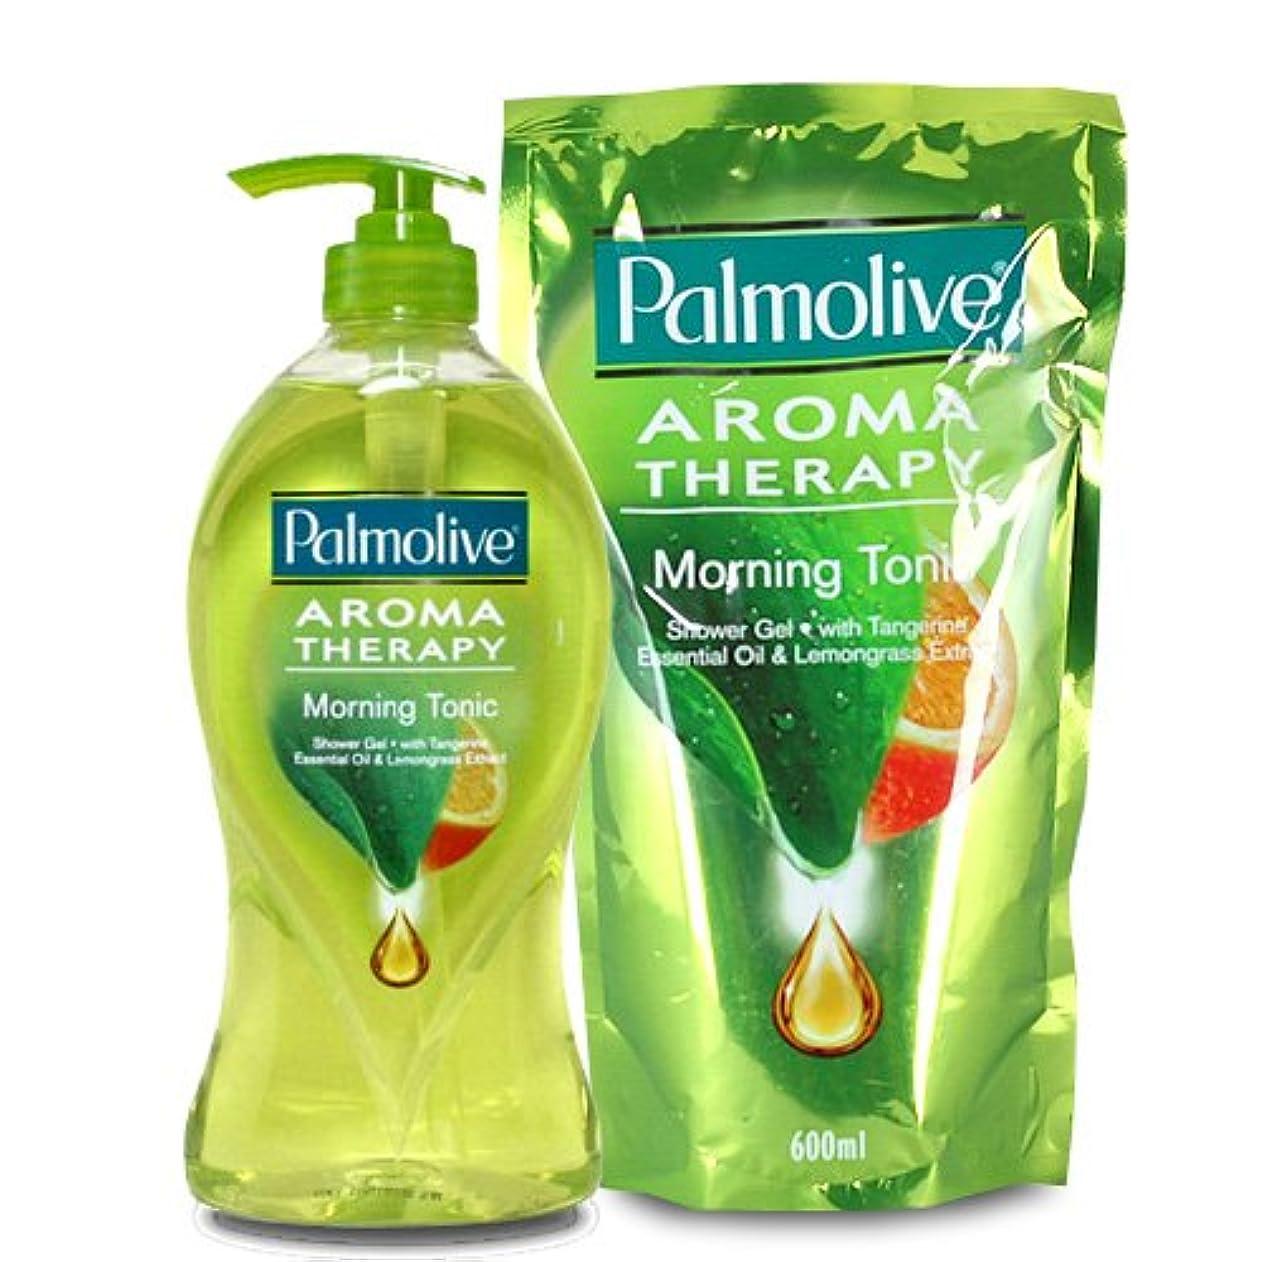 推測する緊急適合しました【Palmolive】パルモリーブ アロマセラピーシャワージェル ボトルと詰め替えのセット (モーニングトニック)